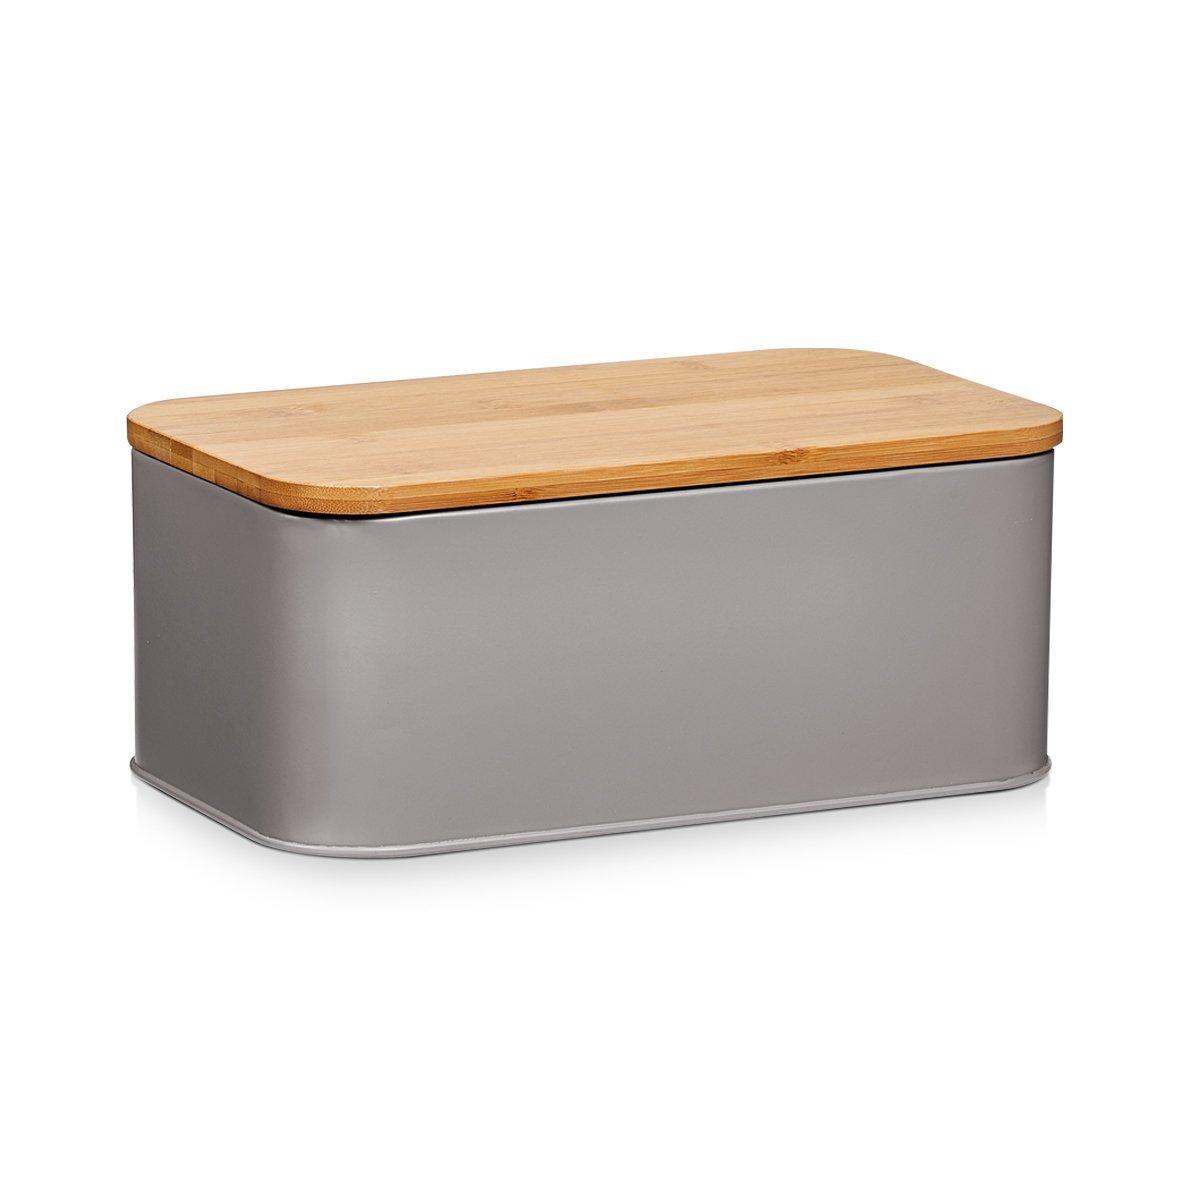 Zeller Cestino porta-pane in metallo con coperchio in bambù , 42,5 x 23 x 13 cm, bianco opaco 25375